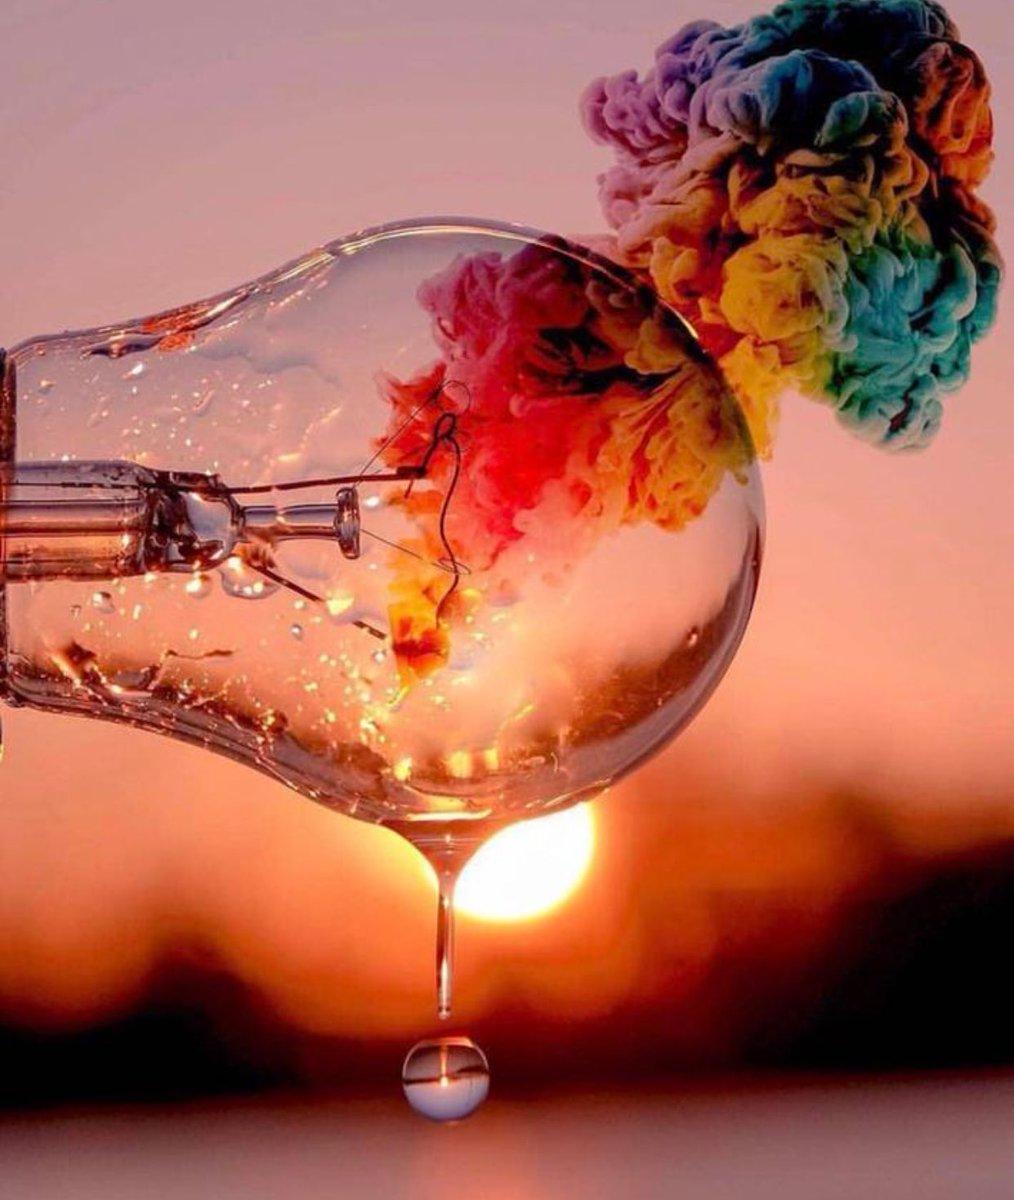 لا تضع حدودا لخيالاتك ... احلم ثم احلم احلم فلابد يوما ان تمطر سماوات الأحلام غيثا  وفيرا ....📽📸🎞🦋💌